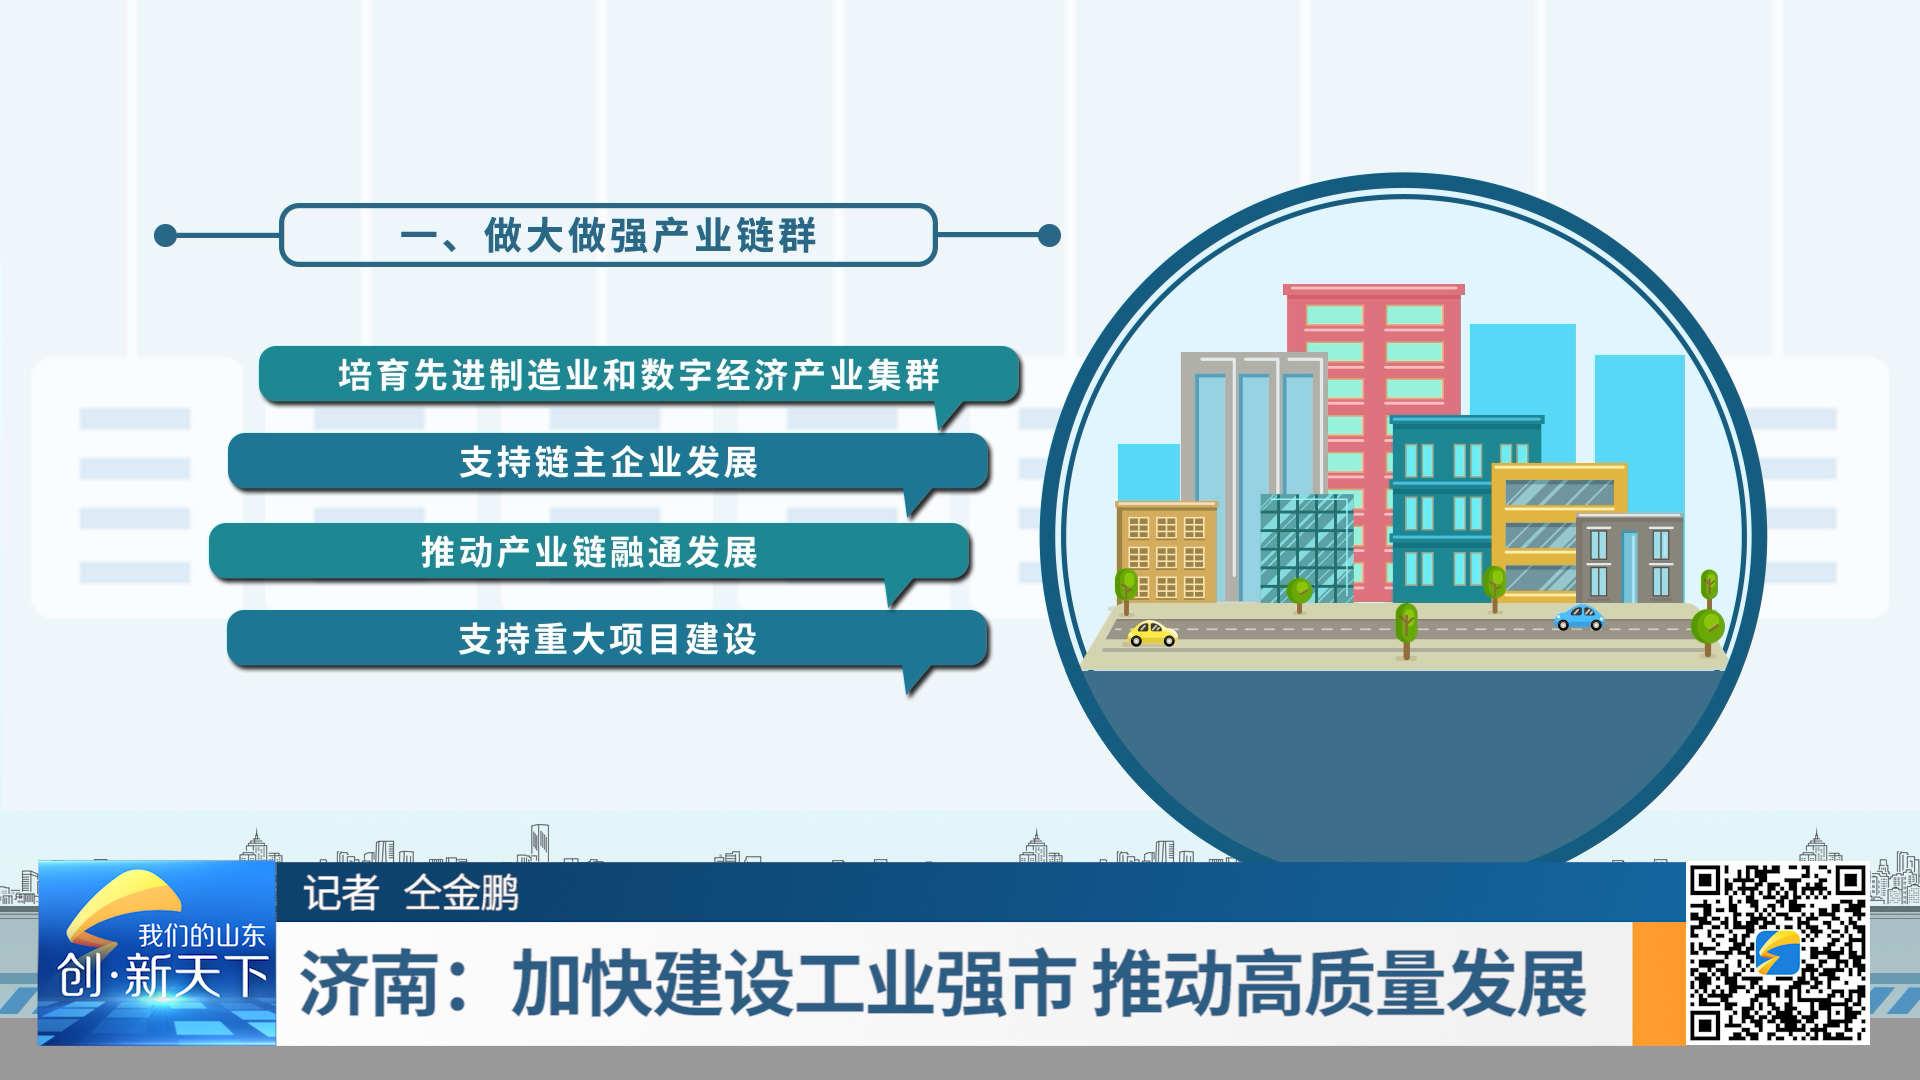 濟南:加快建設工業強市 推動高質量發展